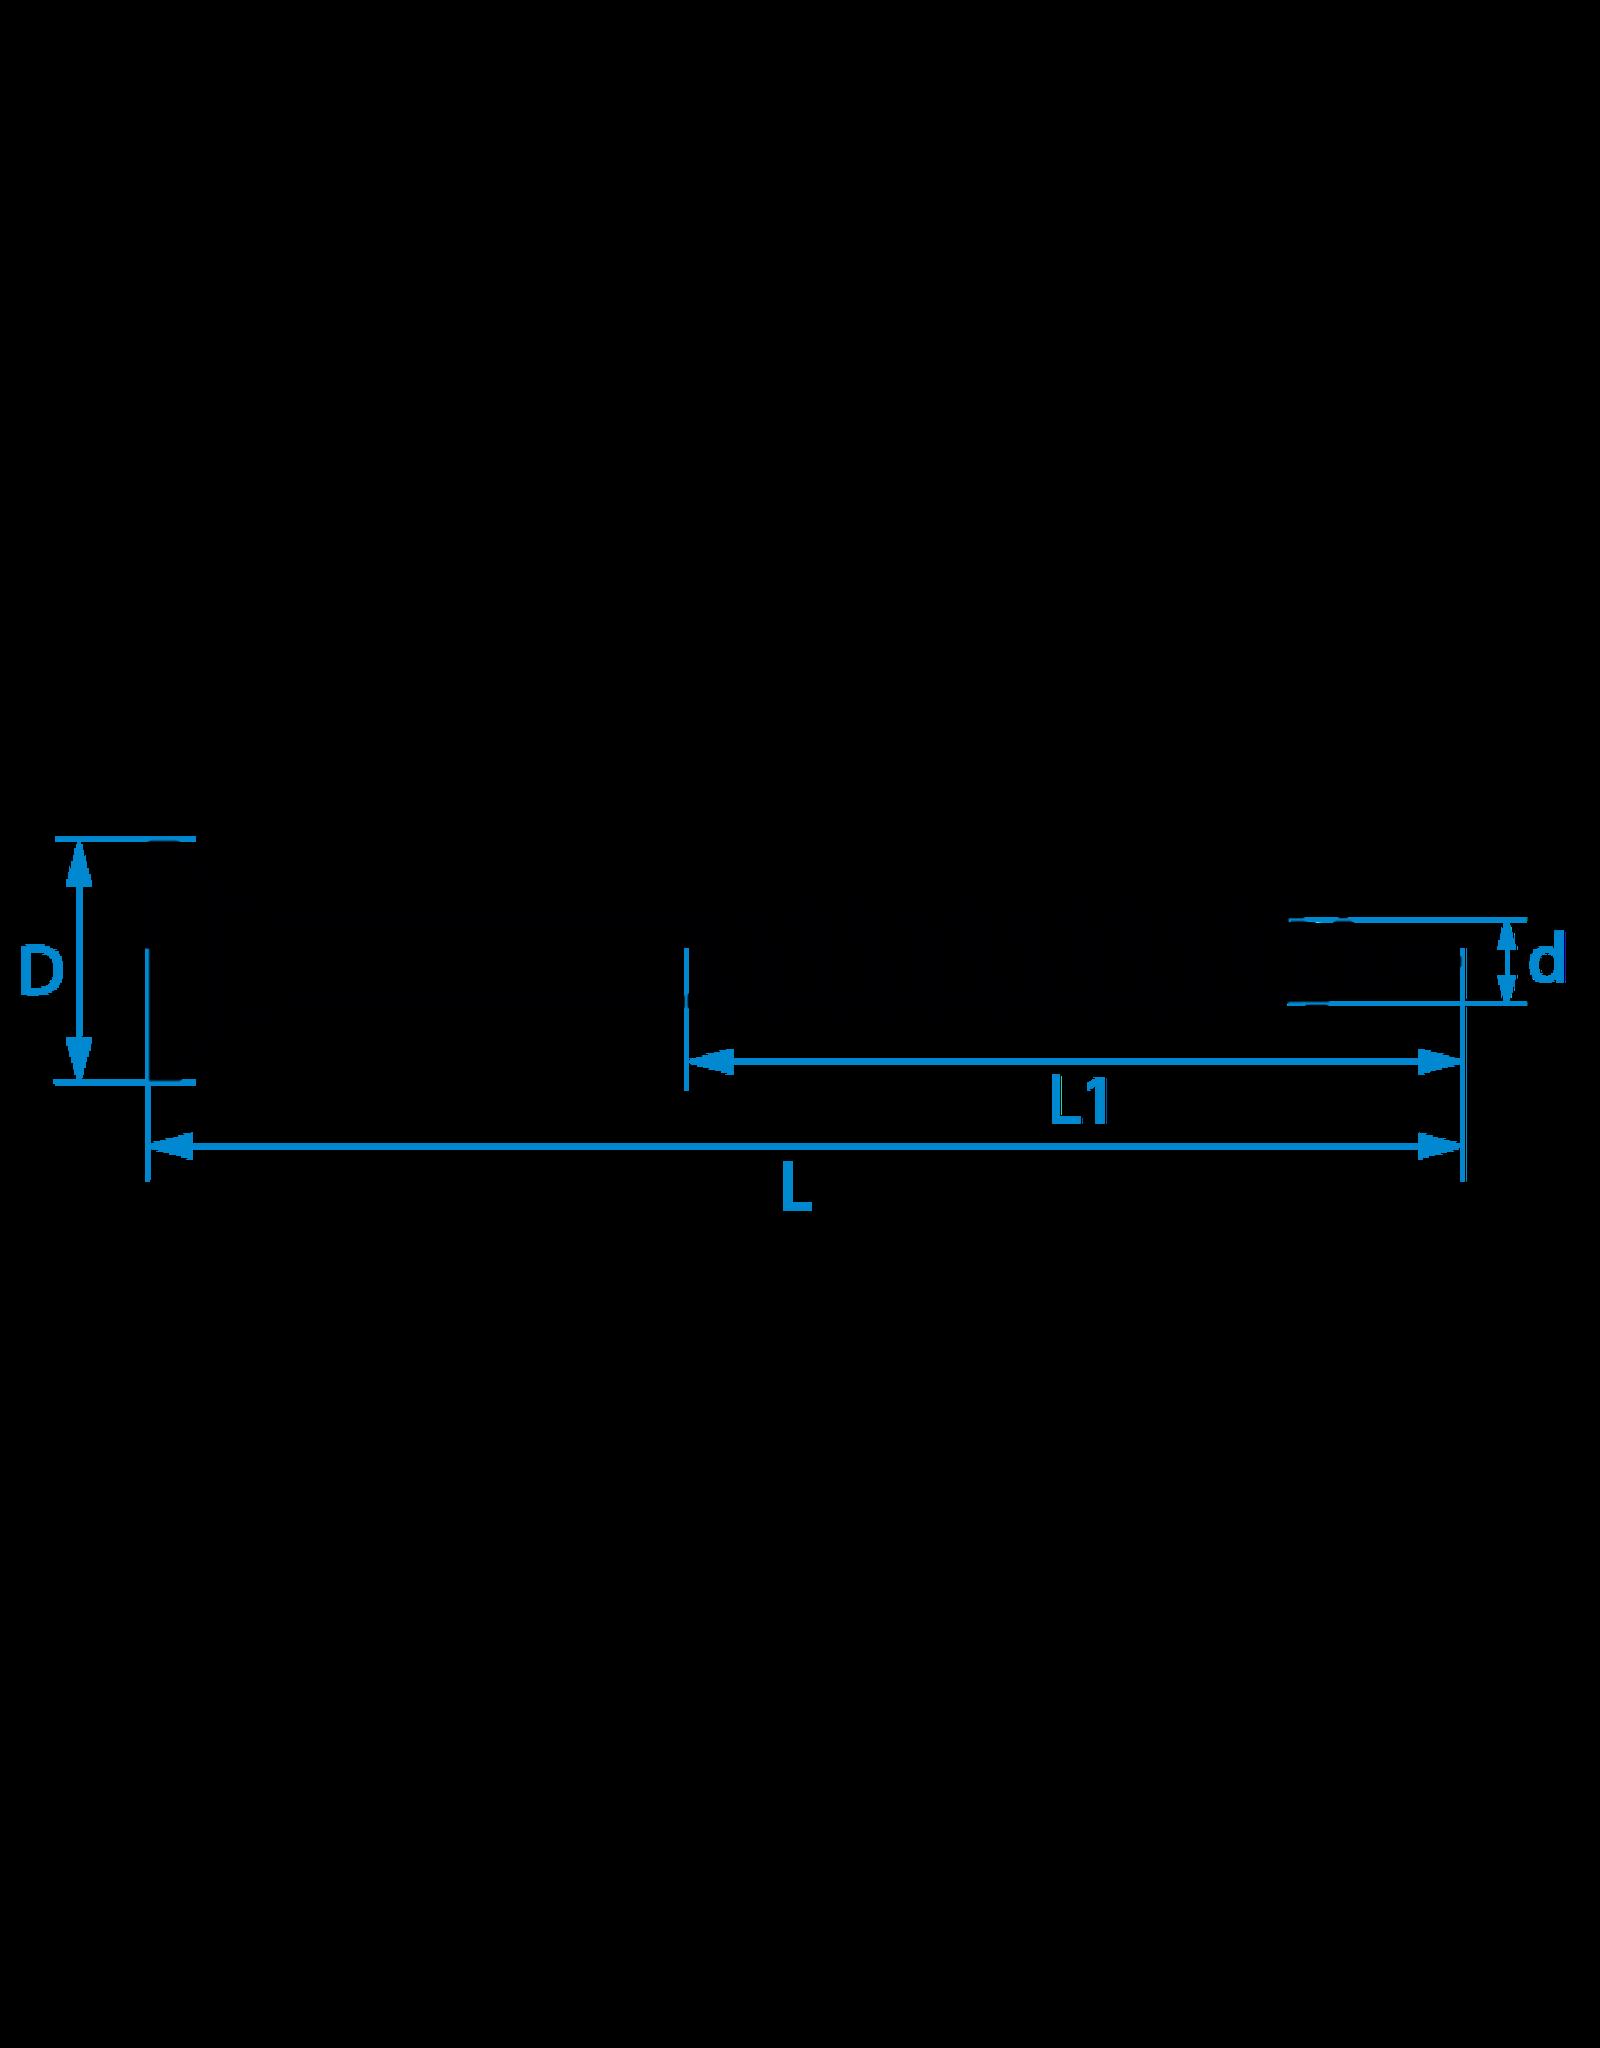 Spaanplaatschroeven platkop deeldraad 5.0x100/60 TX-25 staal gehard verzinkt per 200 stuks